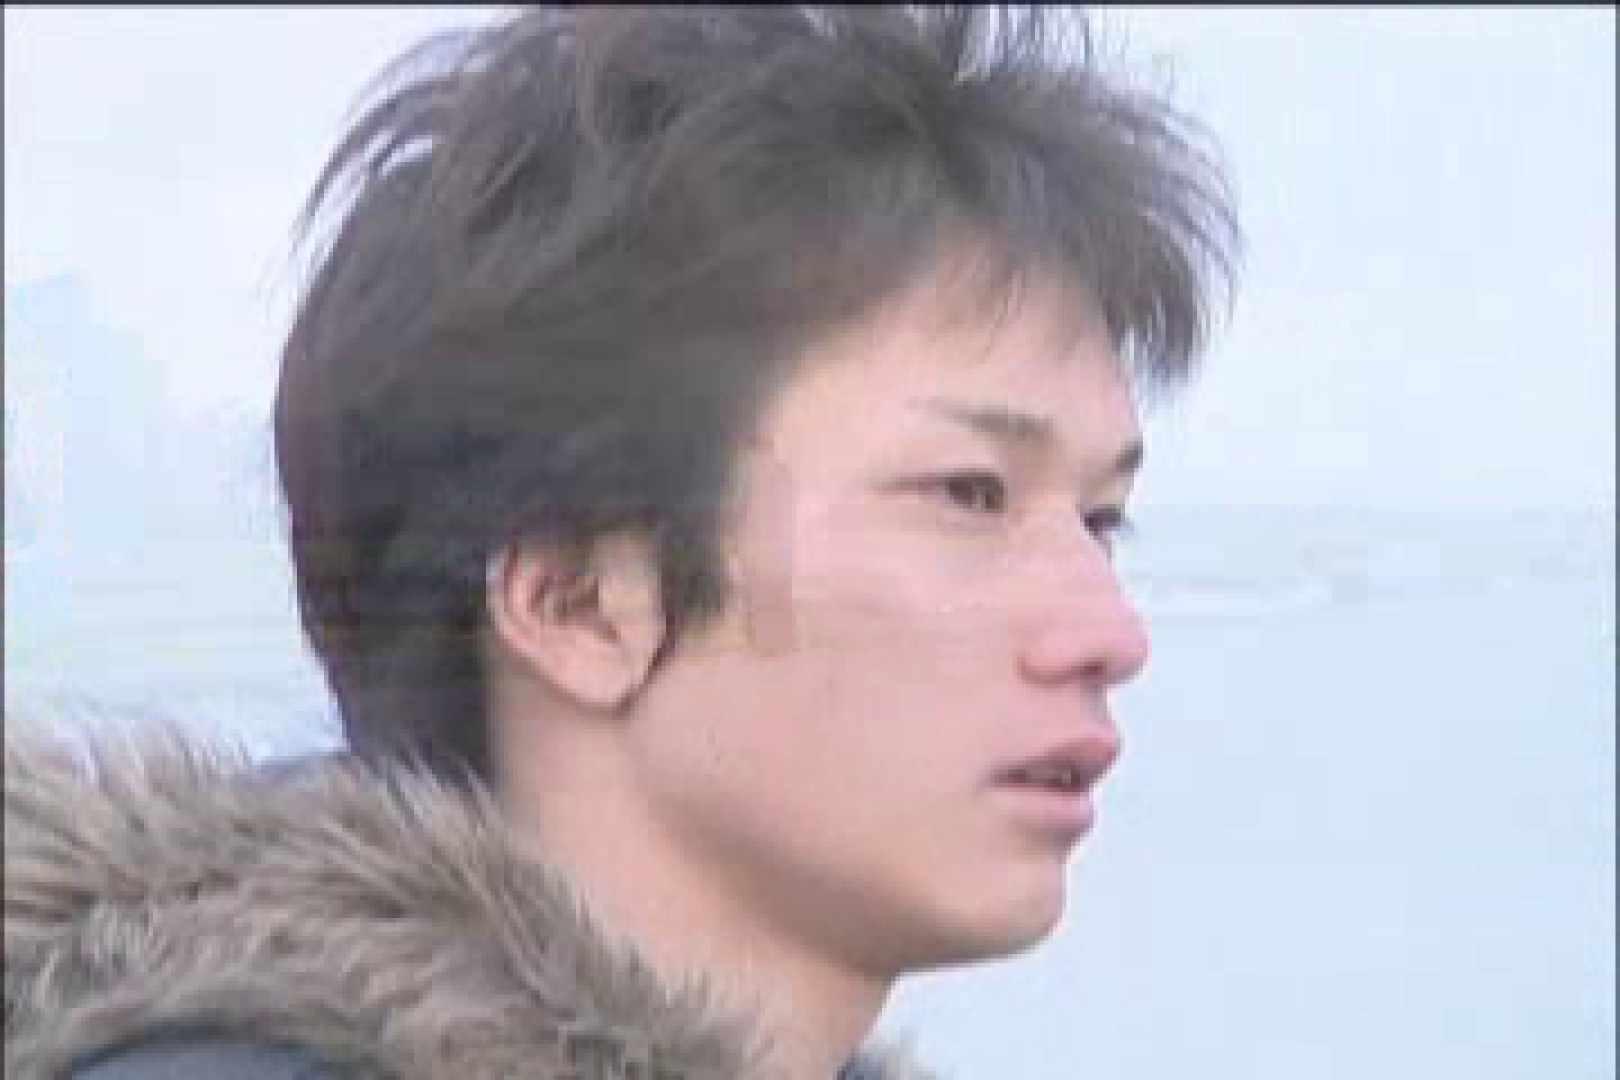 イケメン☆パラダイス〜男ざかりの君たちへ〜vol.26 アナル ゲイザーメン画像 92枚 1